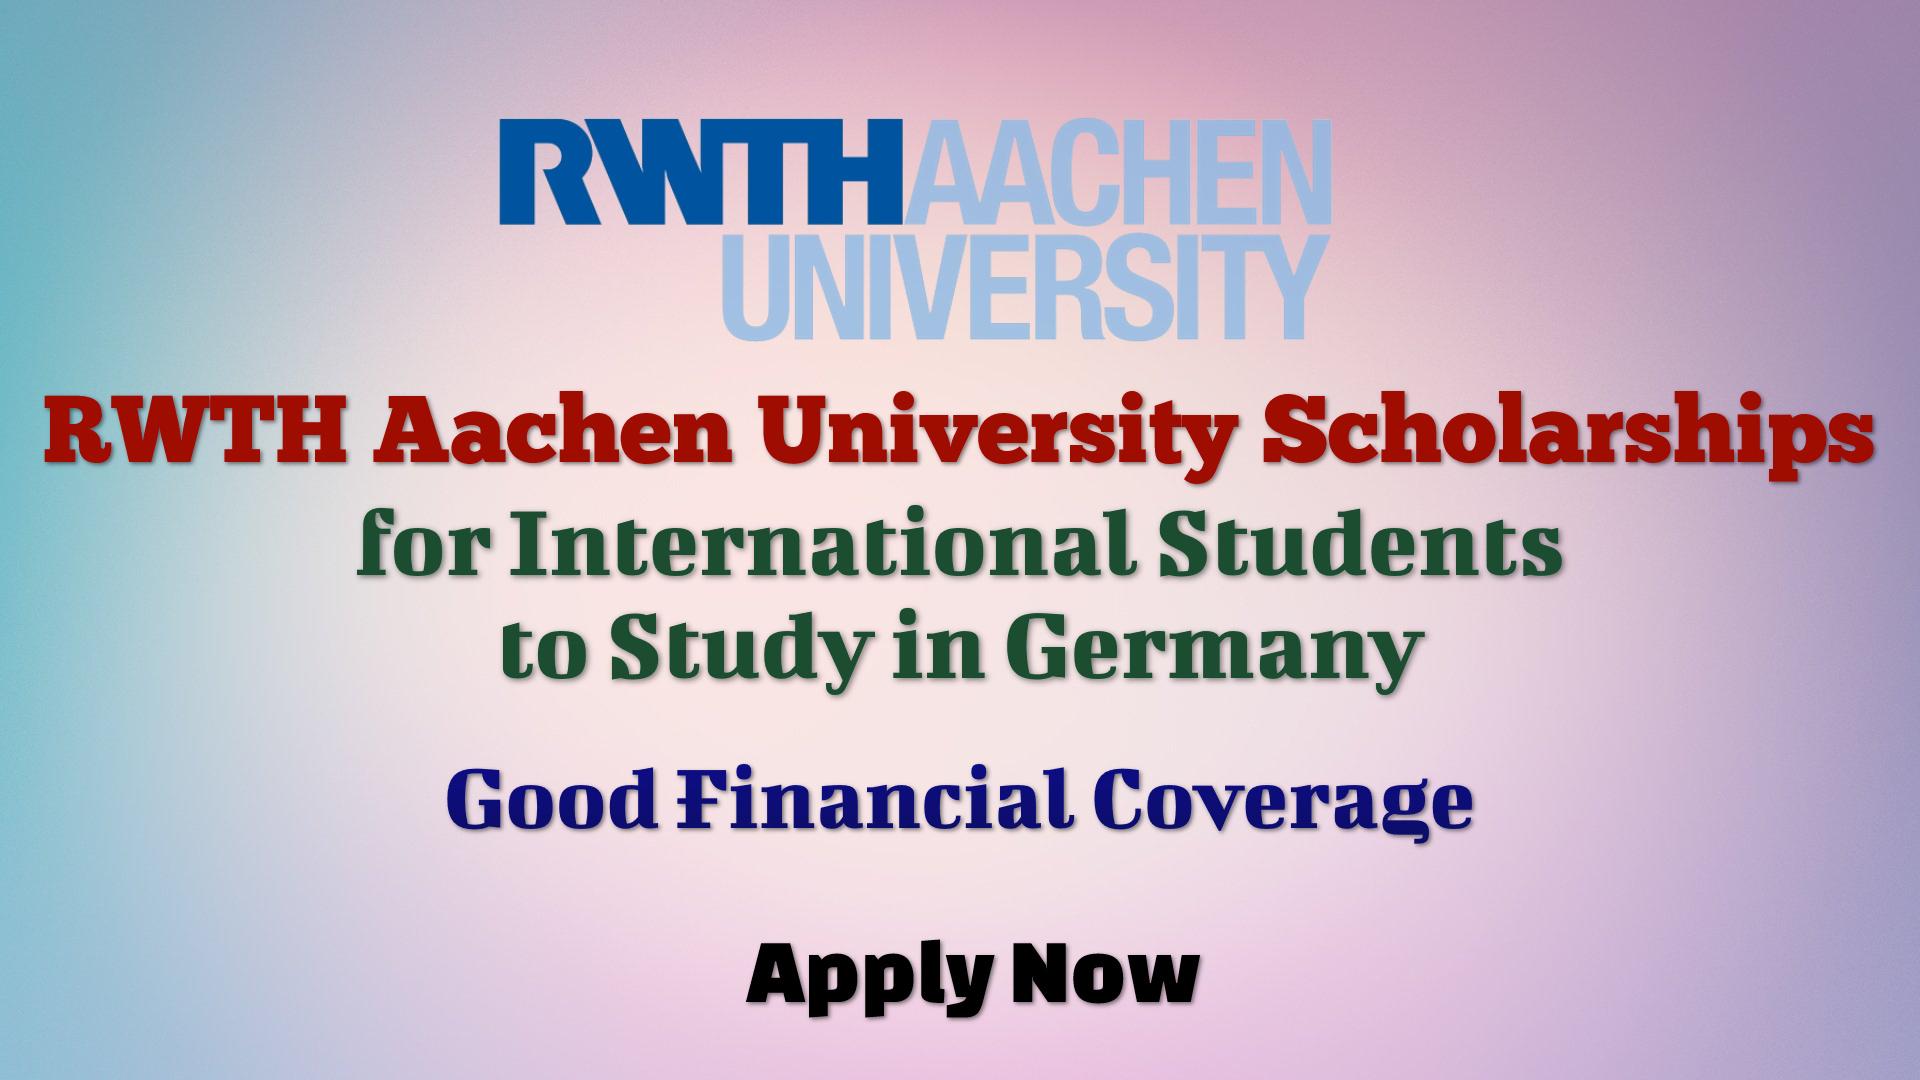 RWTH Aachen University Scholarships